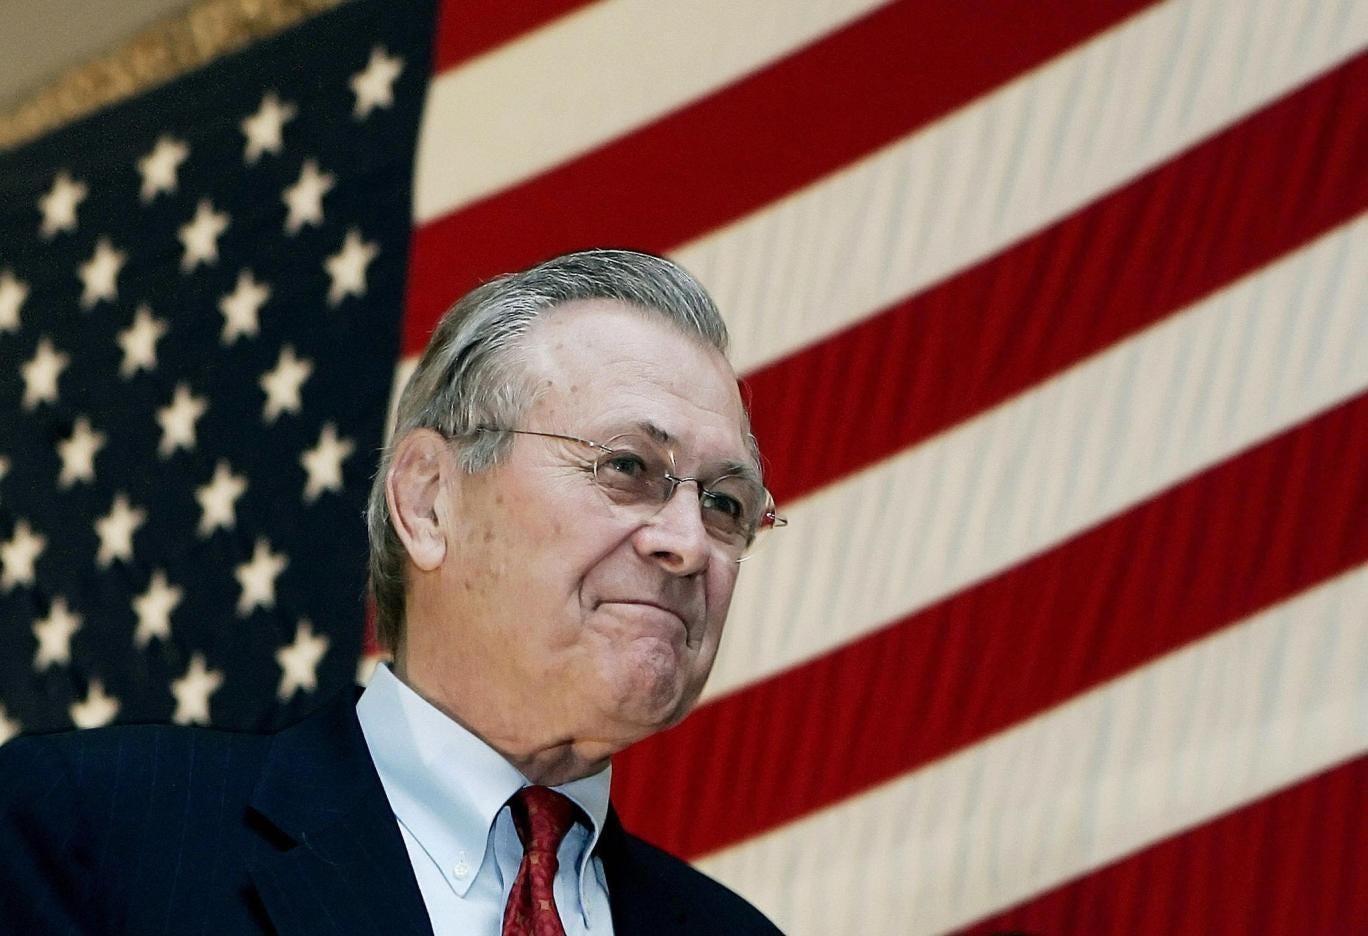 Donald Rumsfeld arrives on stage to address troops in Bagram, Afghanistan in 2005